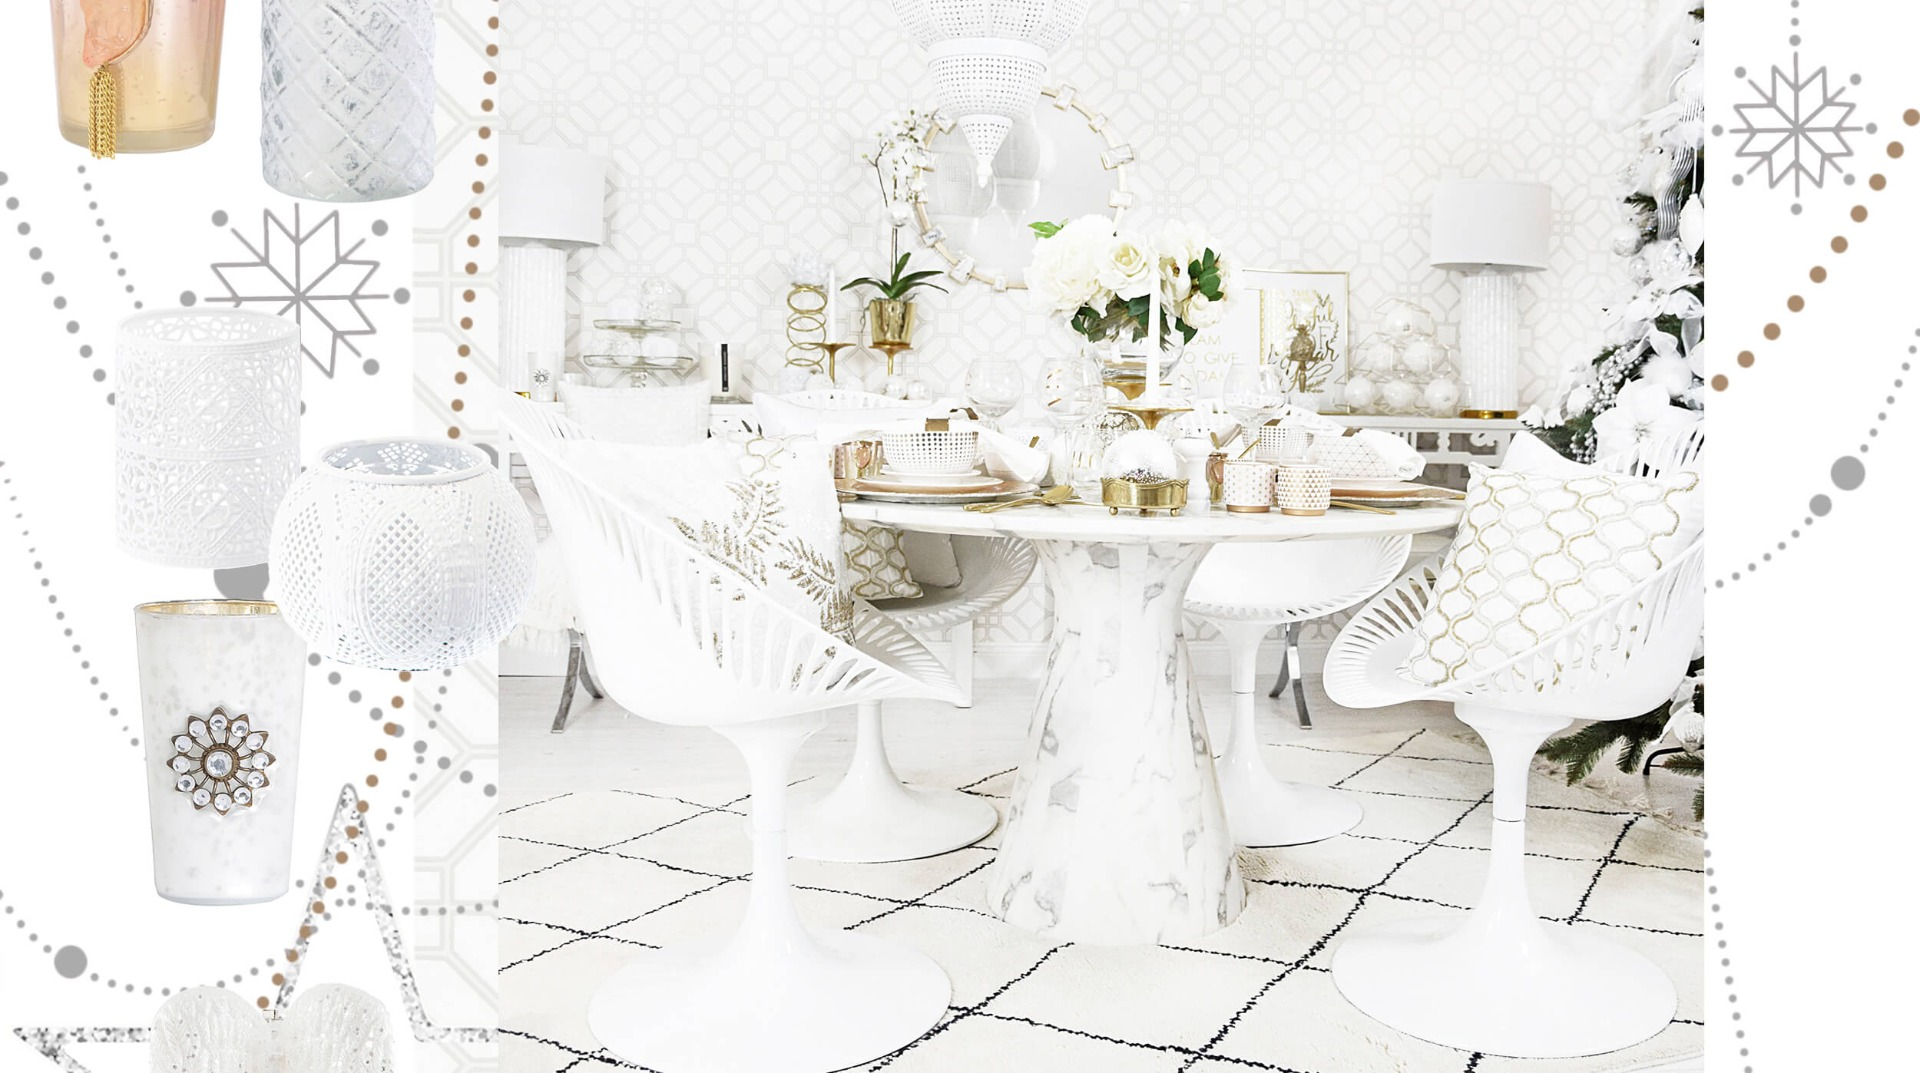 weihnachtslook 3 white christmas weihnachtsdeko in purem. Black Bedroom Furniture Sets. Home Design Ideas